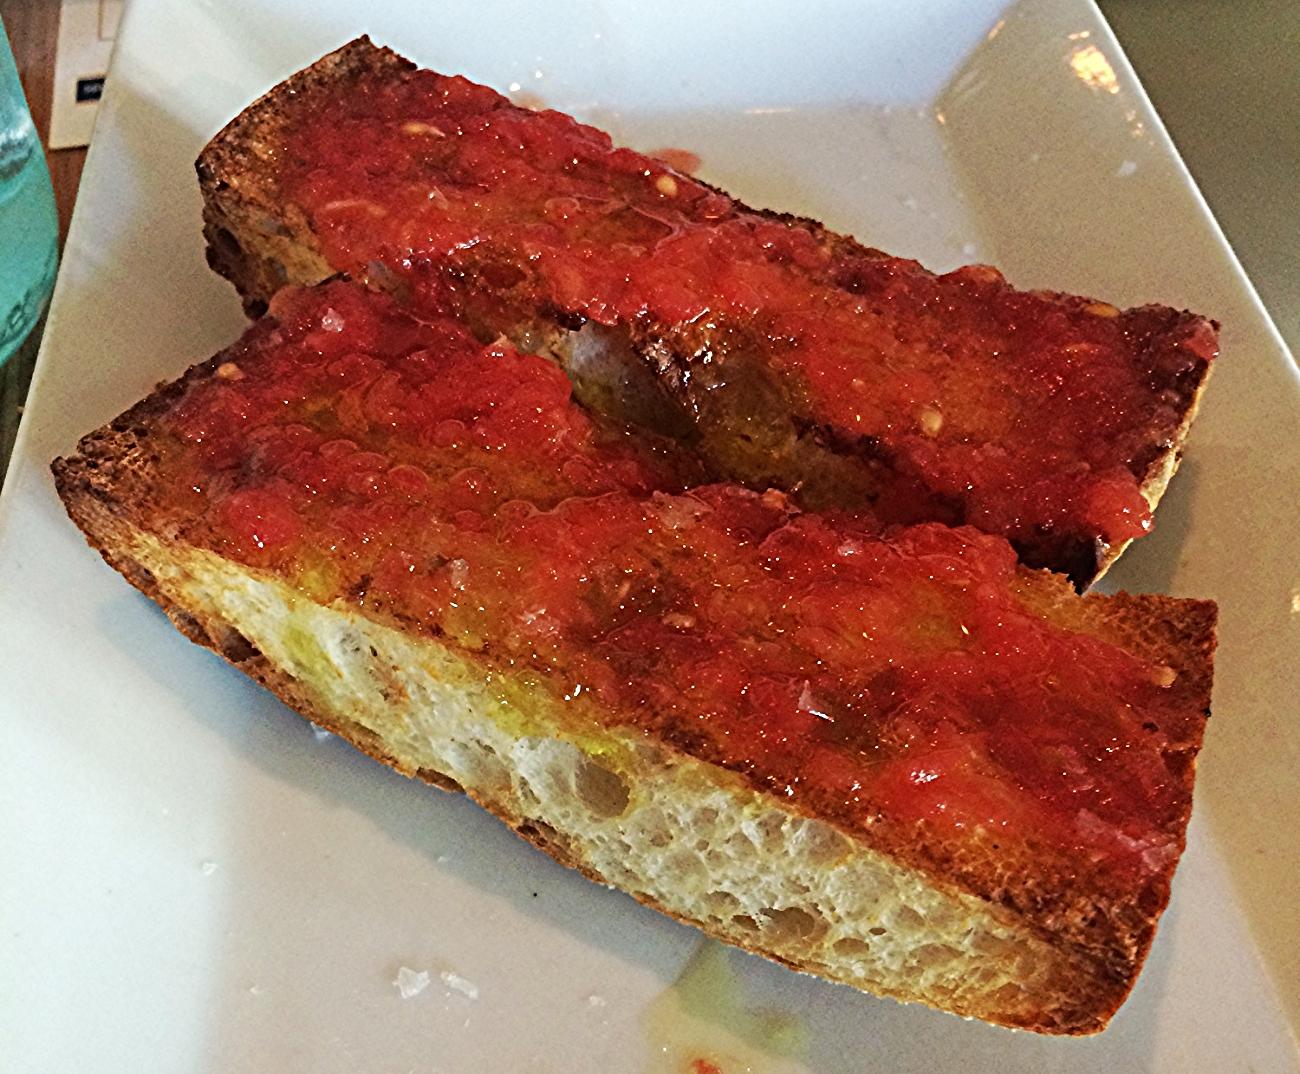 Pan con tomate : simples e delicioso.